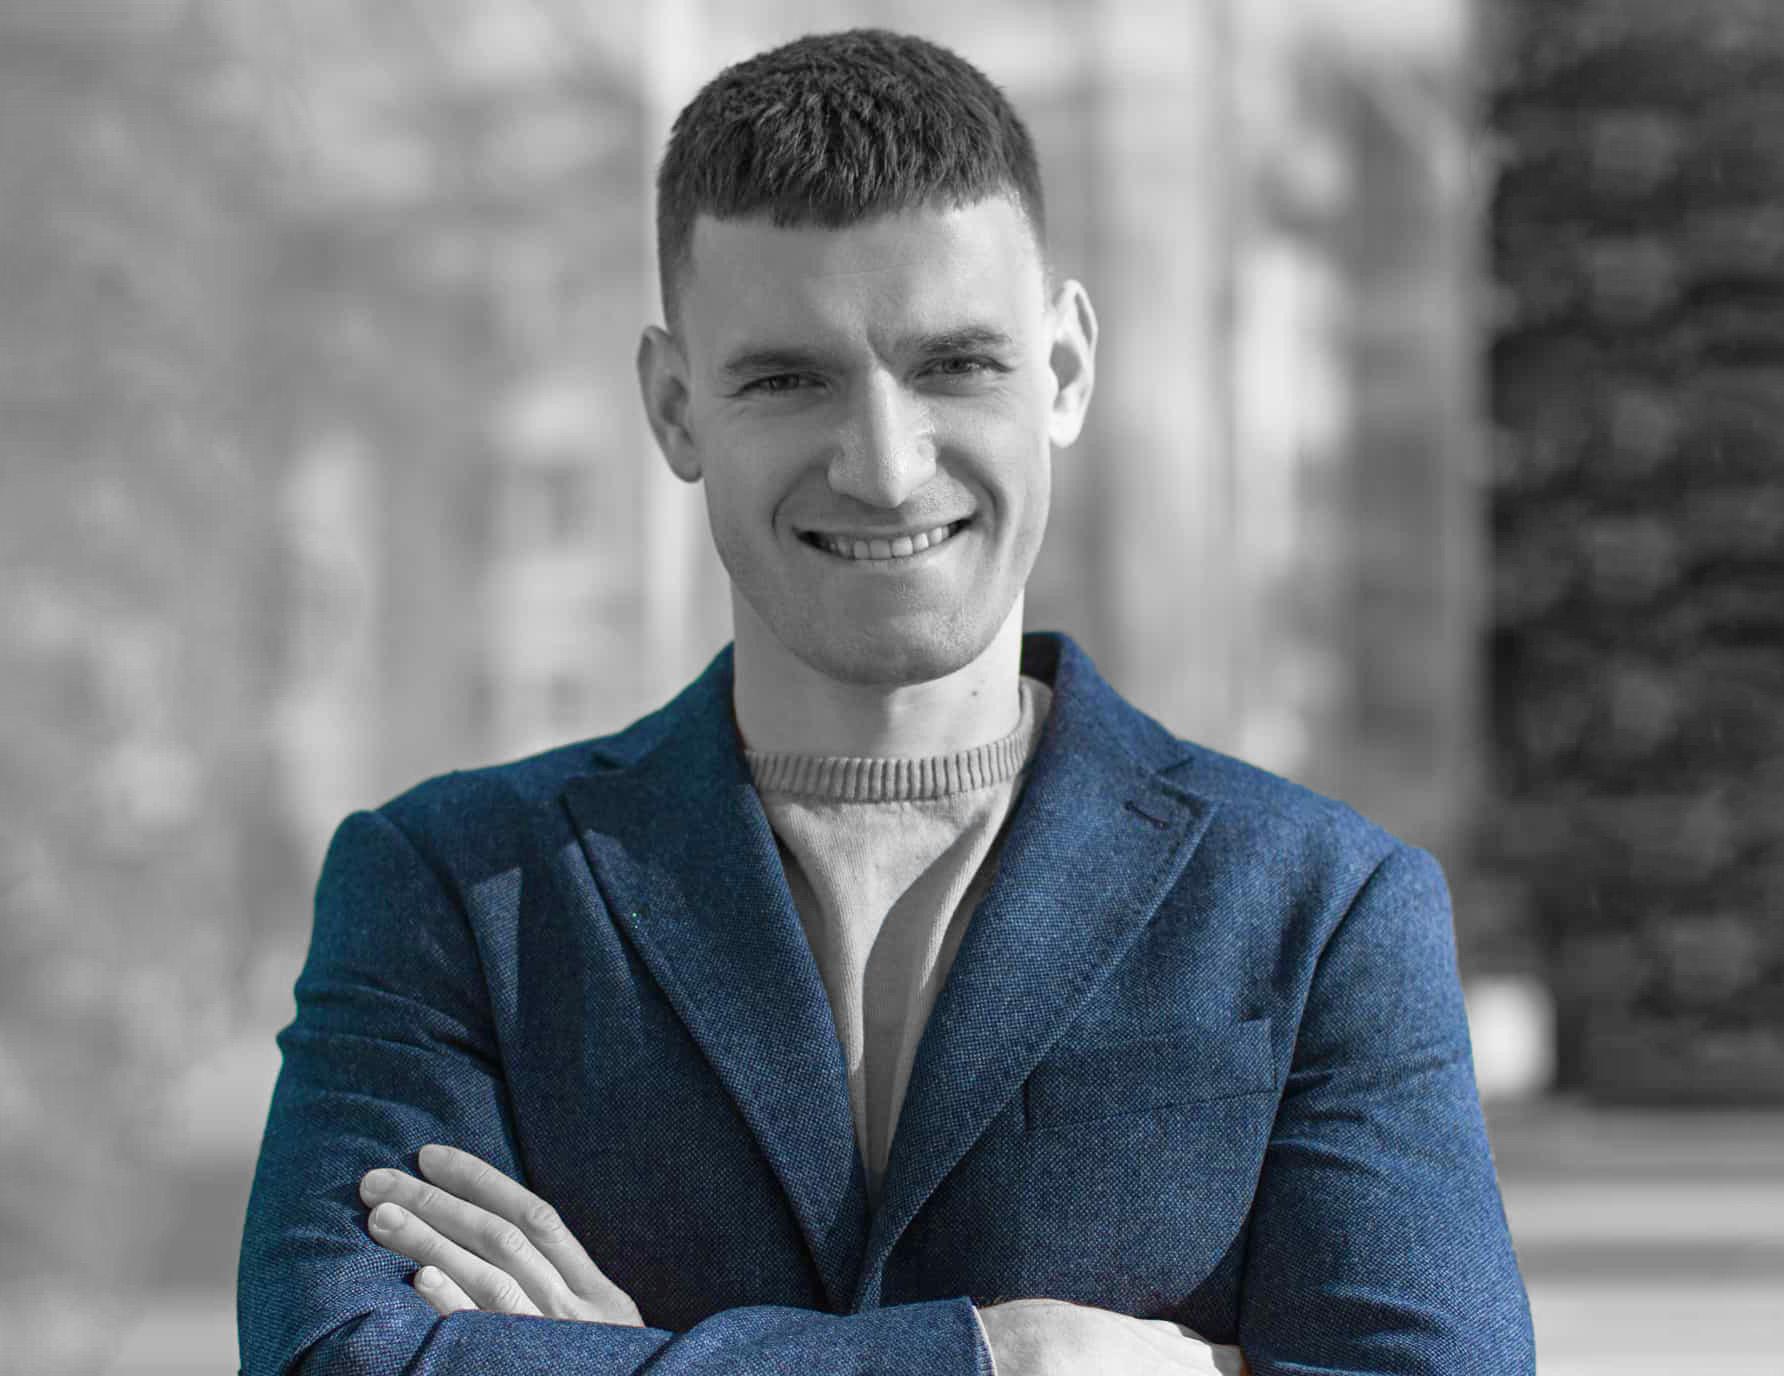 «Важно собирать вокруг команду, потому что один в поле не воин», — Петр Коломиец, СBDO компании IdeaSoft